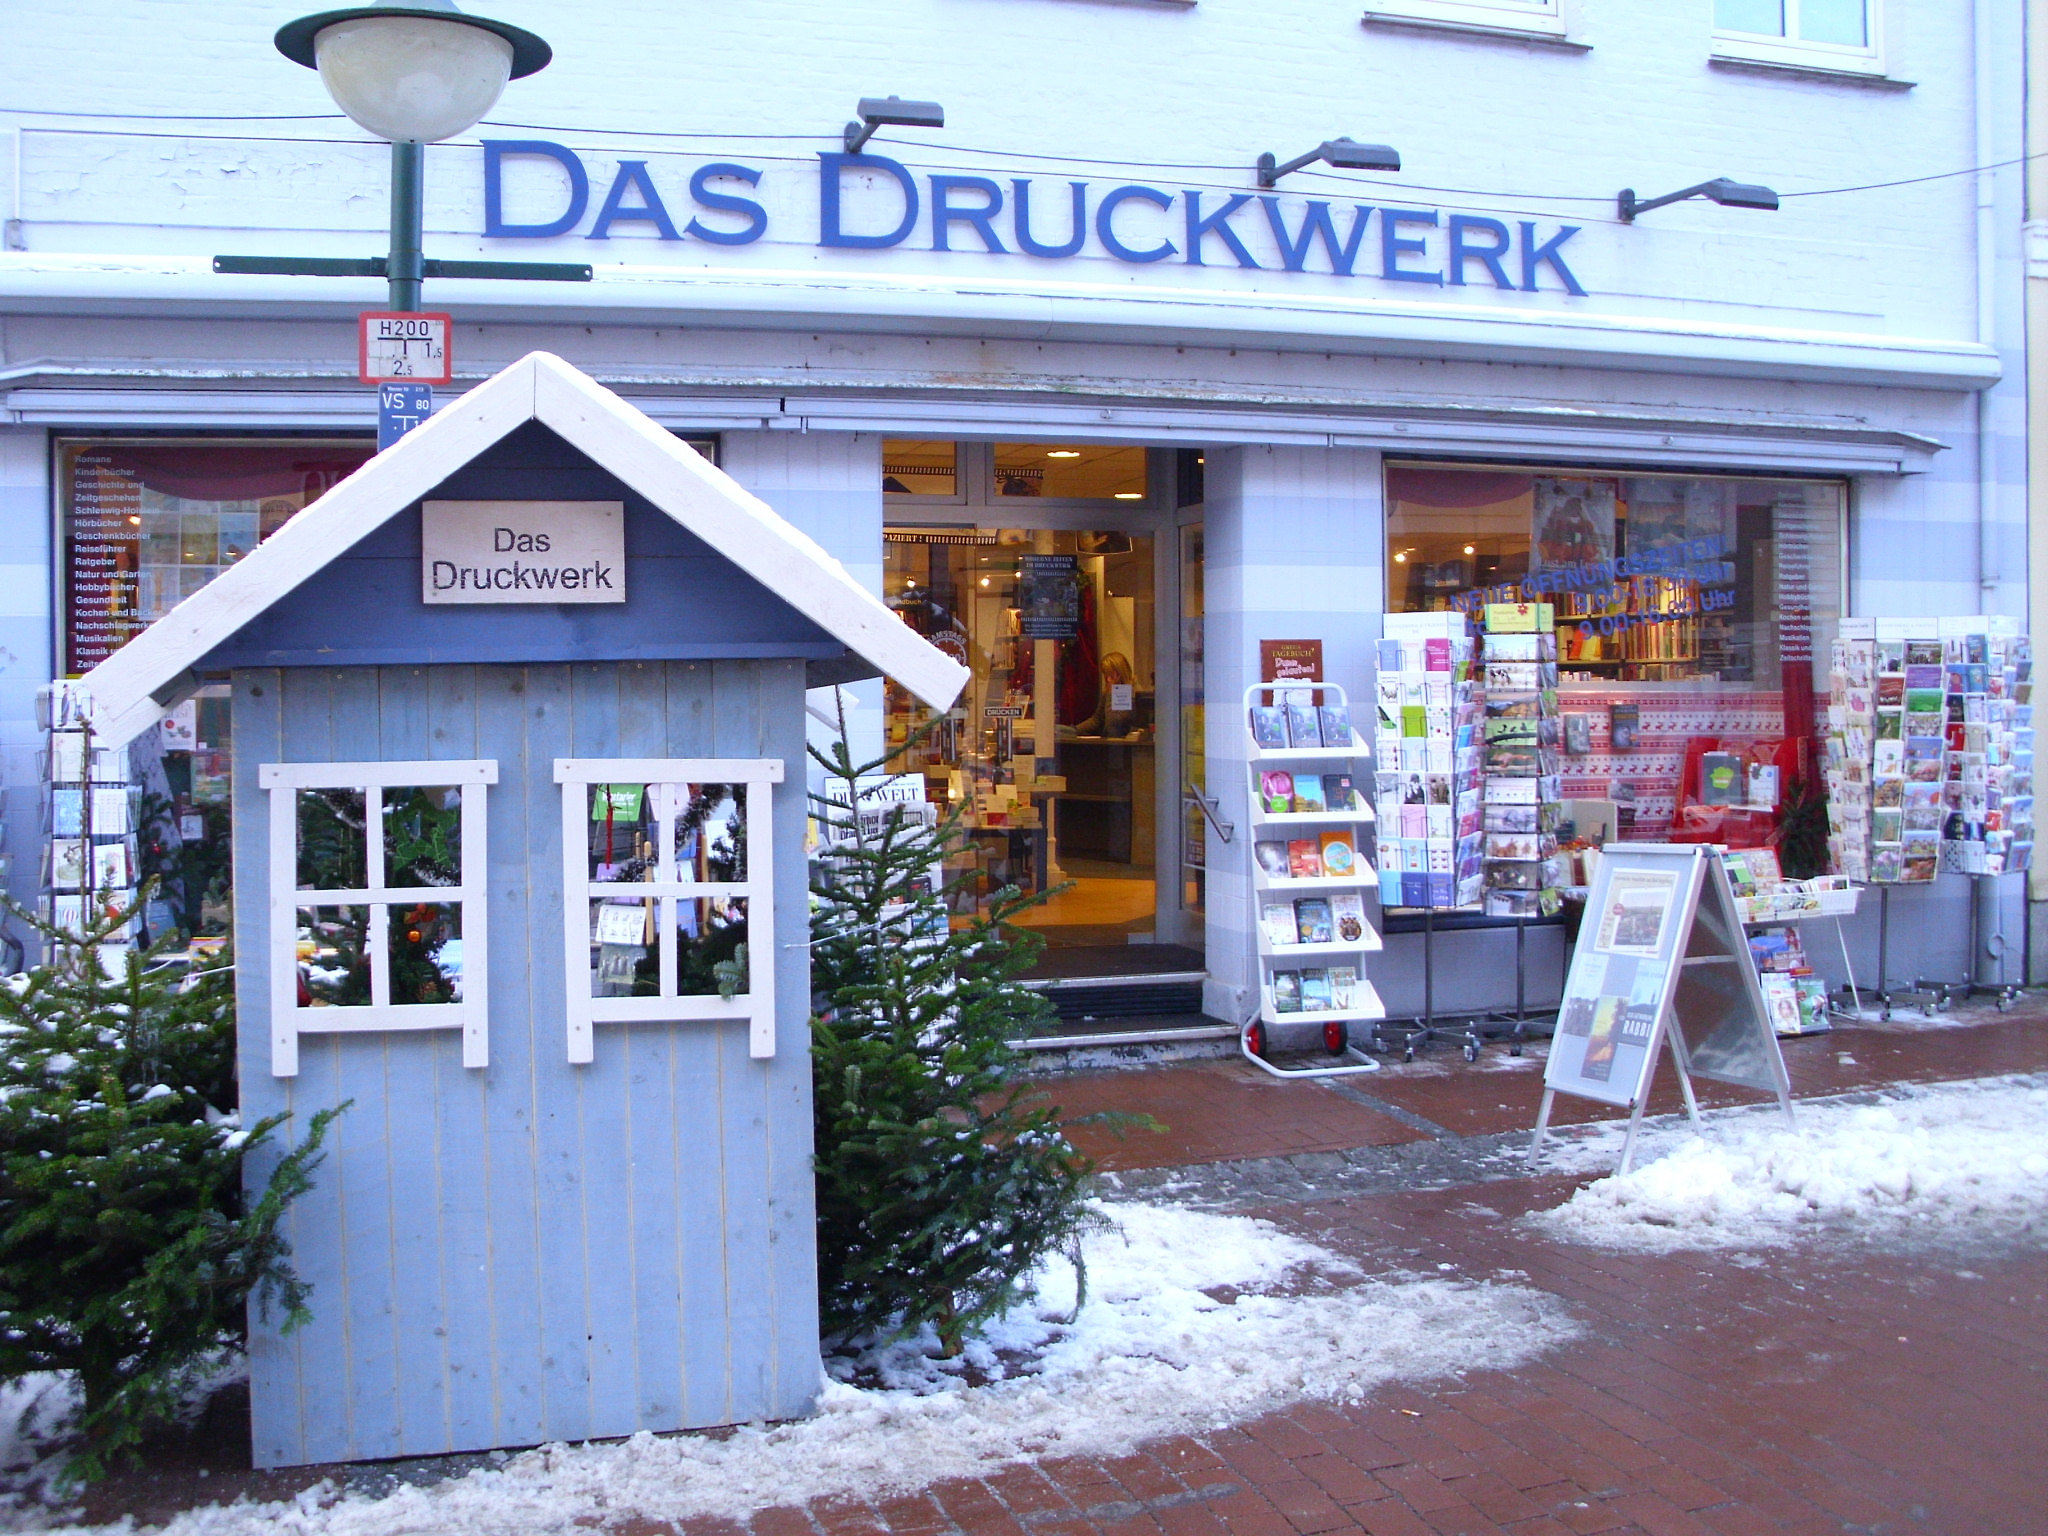 Bild vom Laden bei Winter